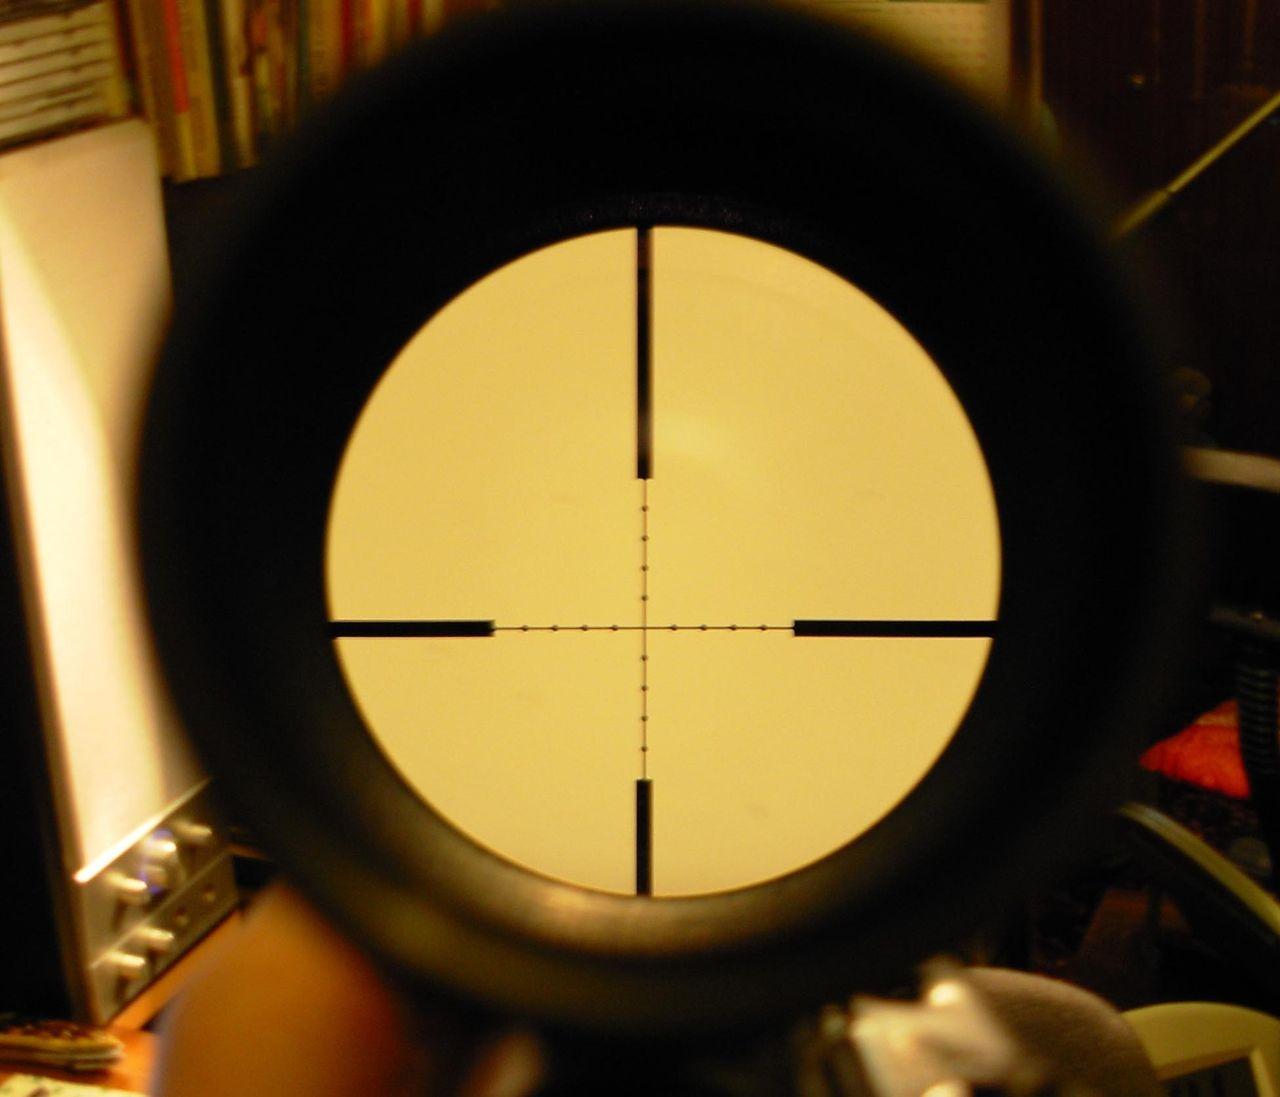 Ремонт оптических прицелов своими руками: устройство 93